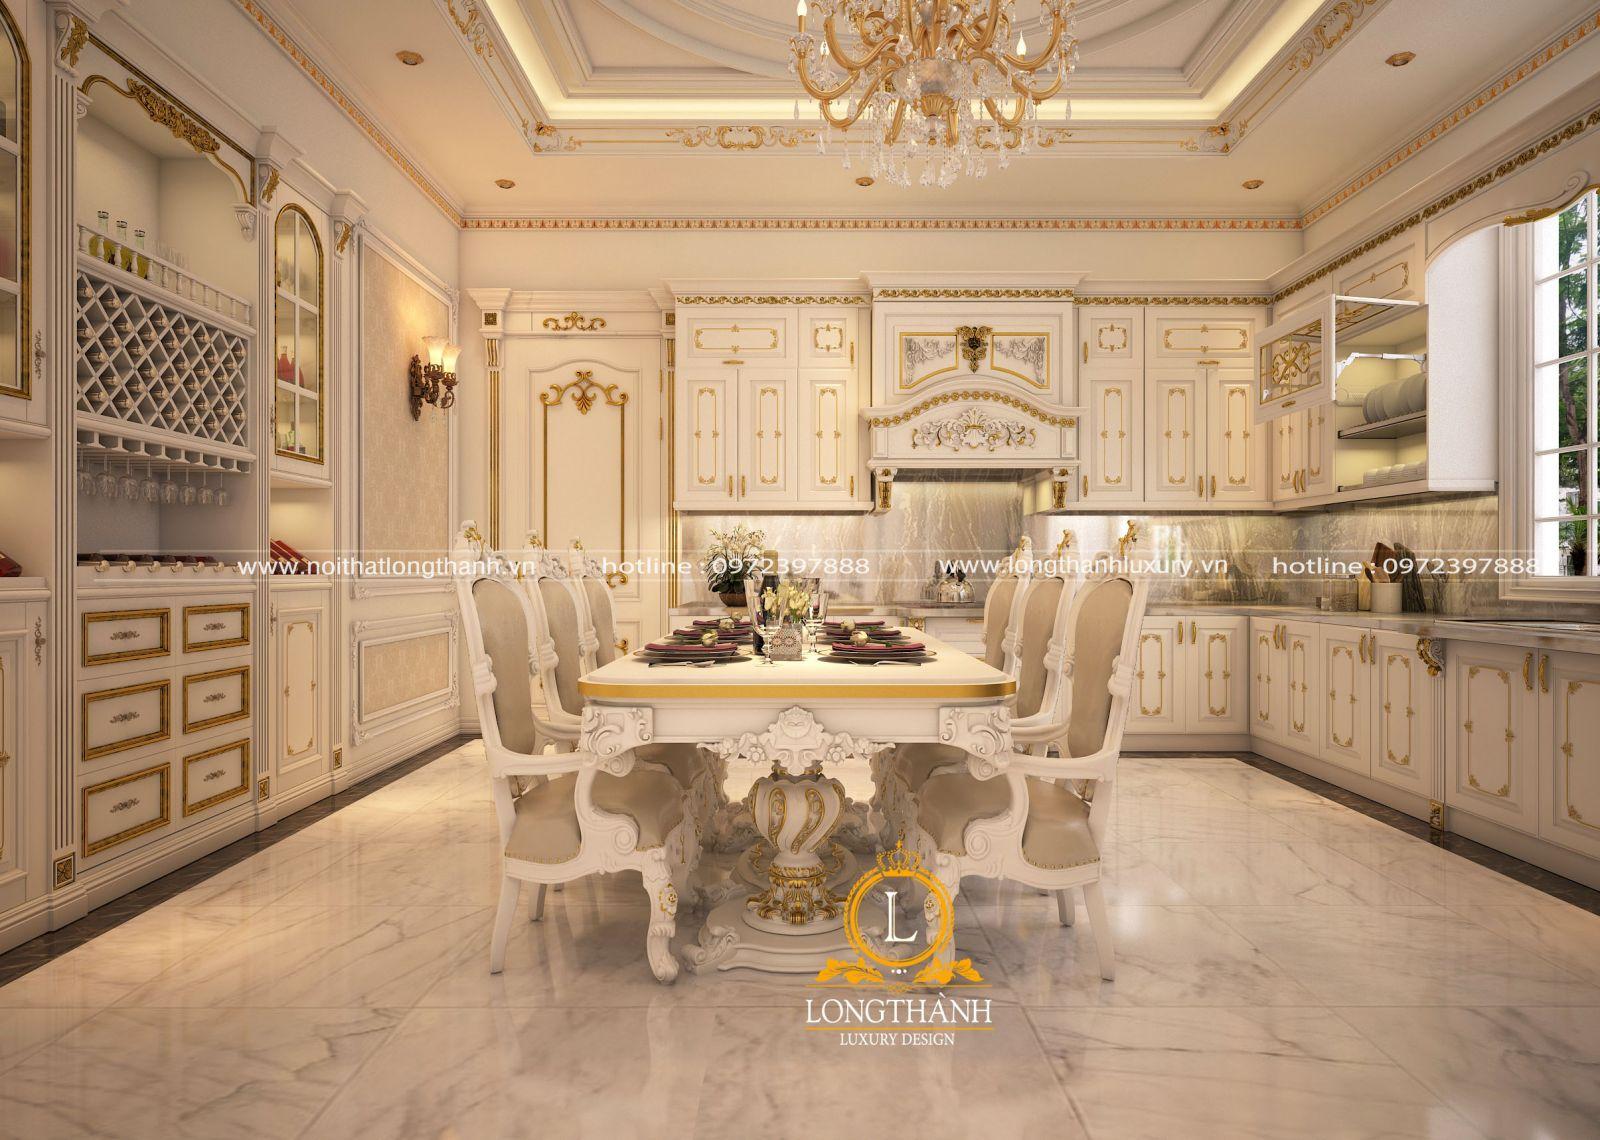 Bàn ghế ăn tân cổ điển sơn trắng dát vàng